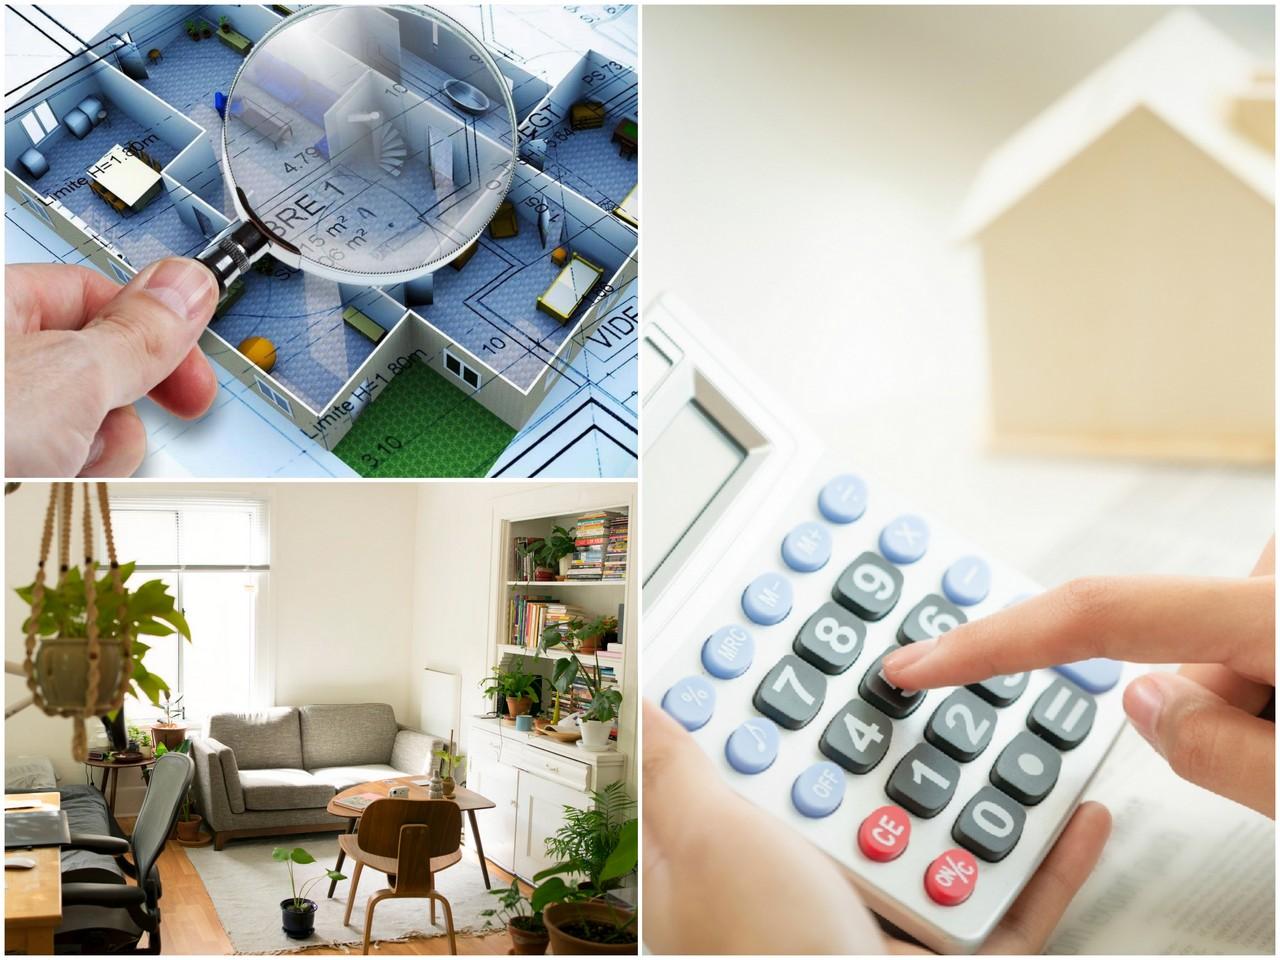 1 способ - покупка квартиры со скидкой от застройщика